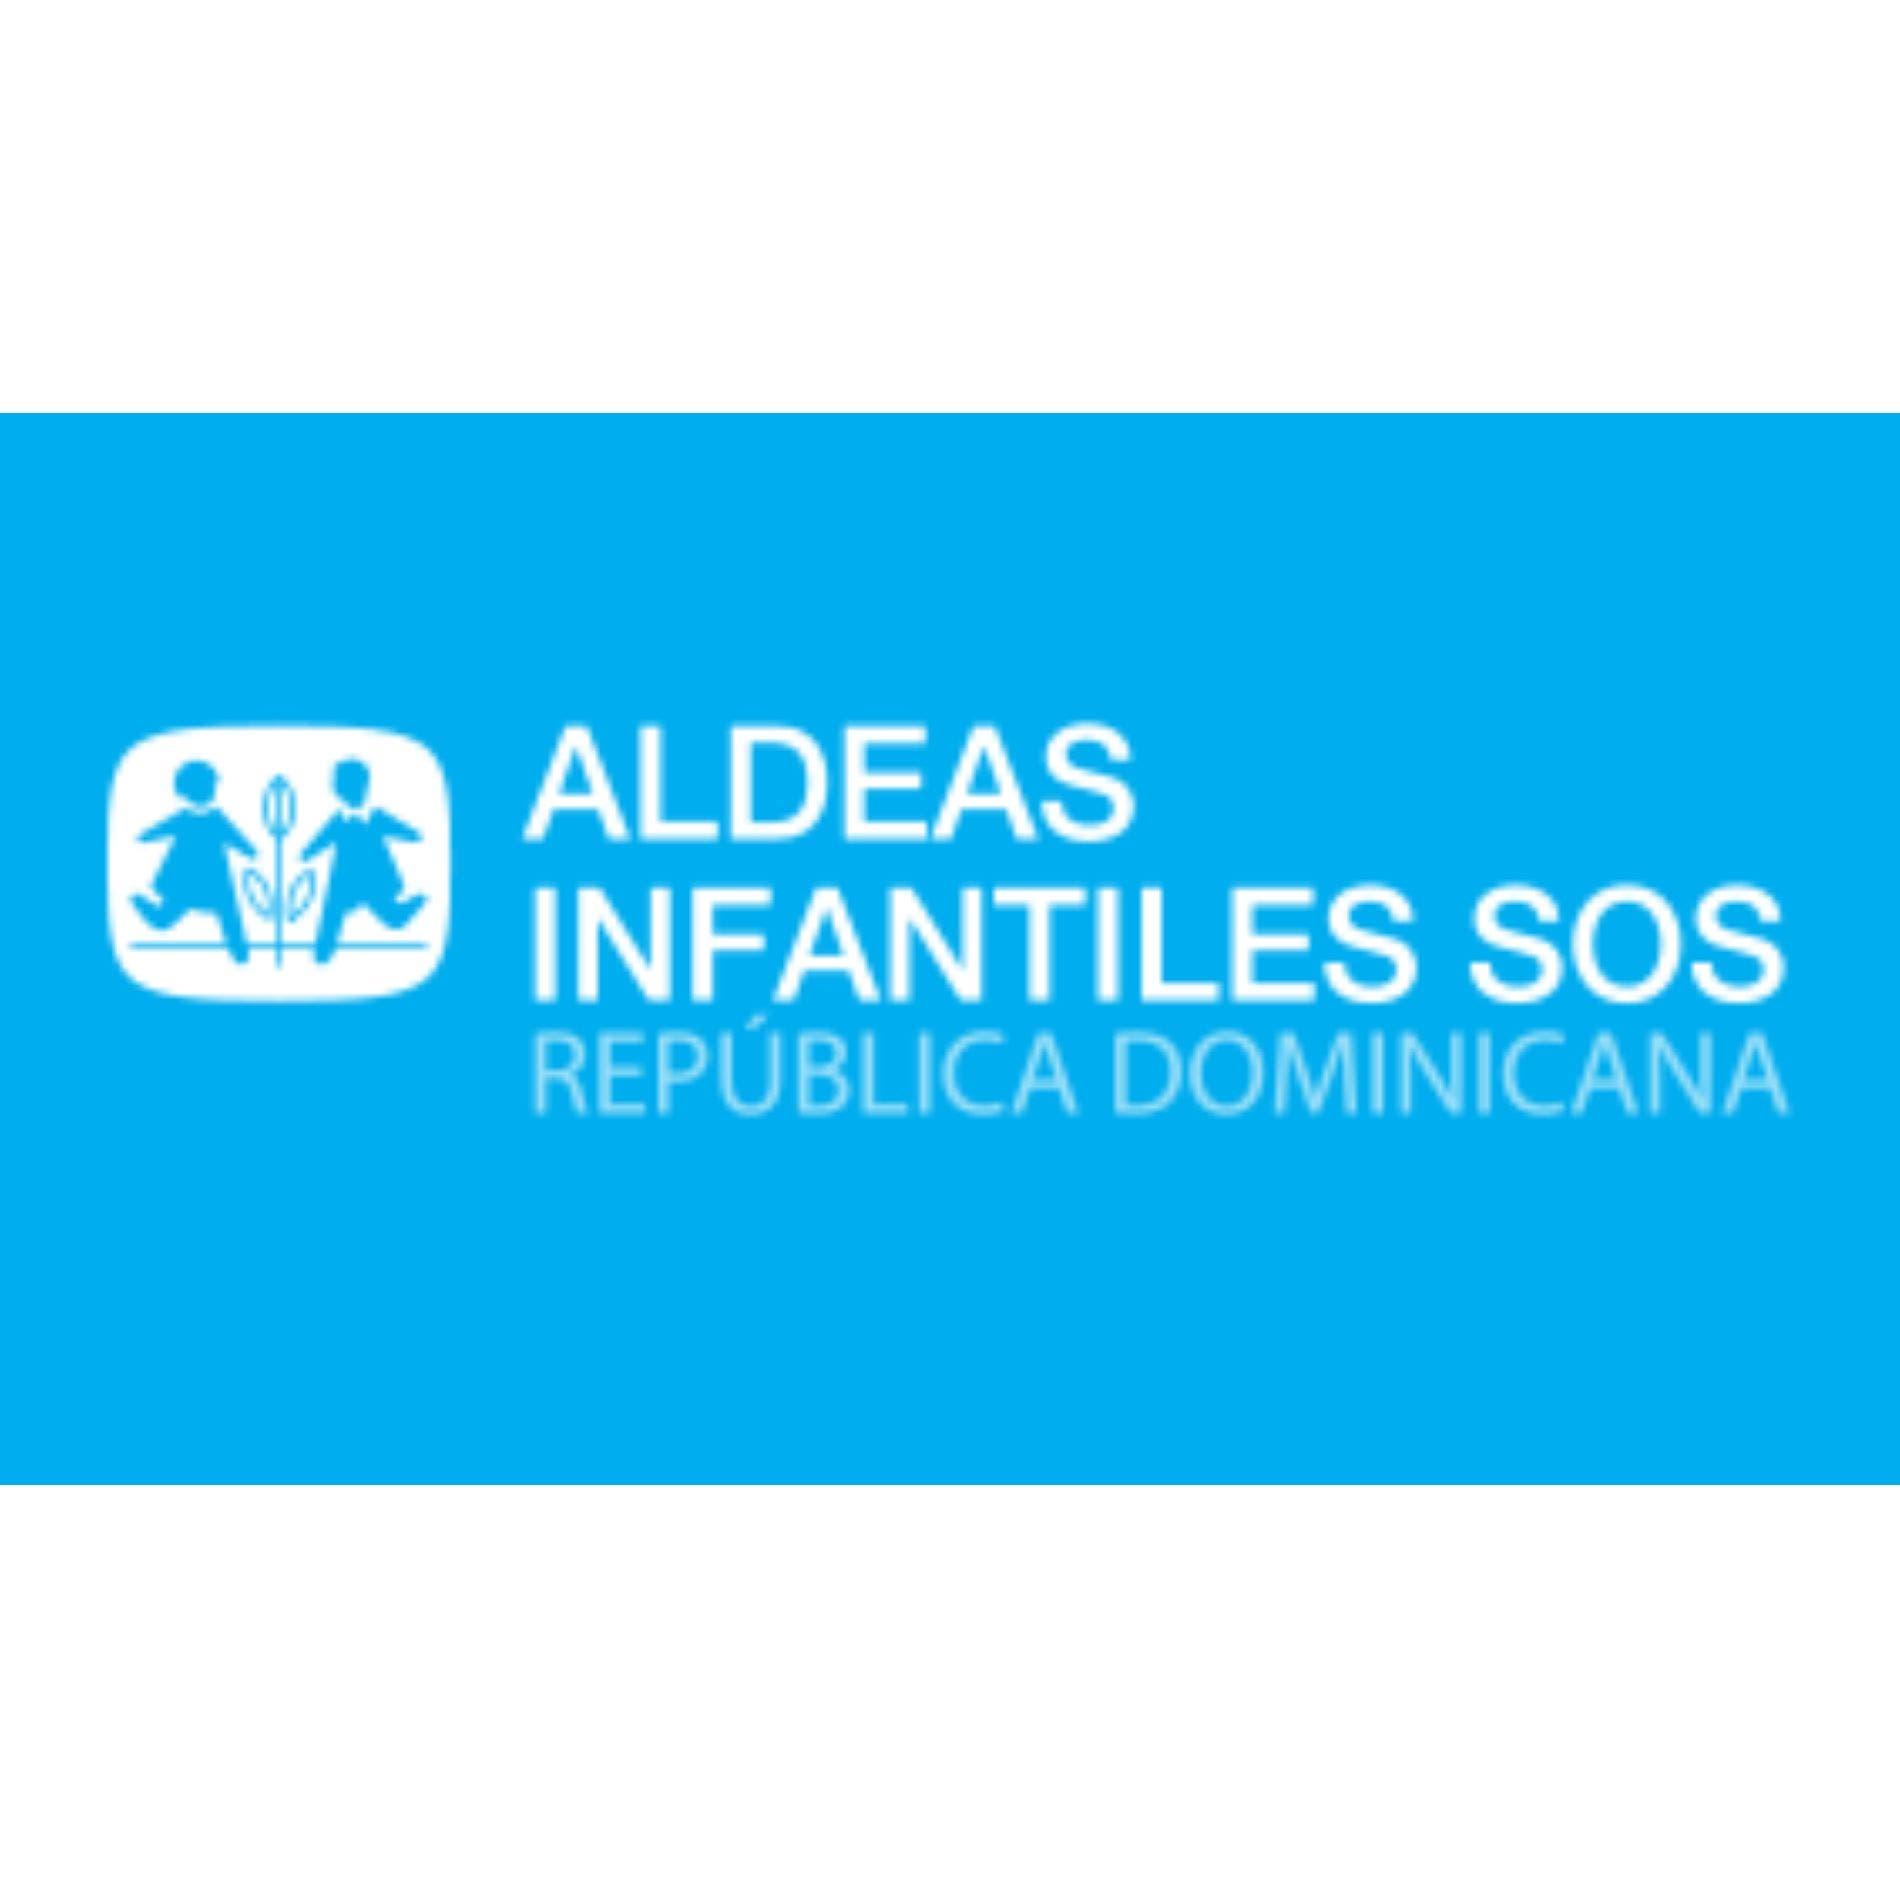 Estado, familia y sociedad le fallan a la niñez dominicana, según Aldeas Infantiles SOS